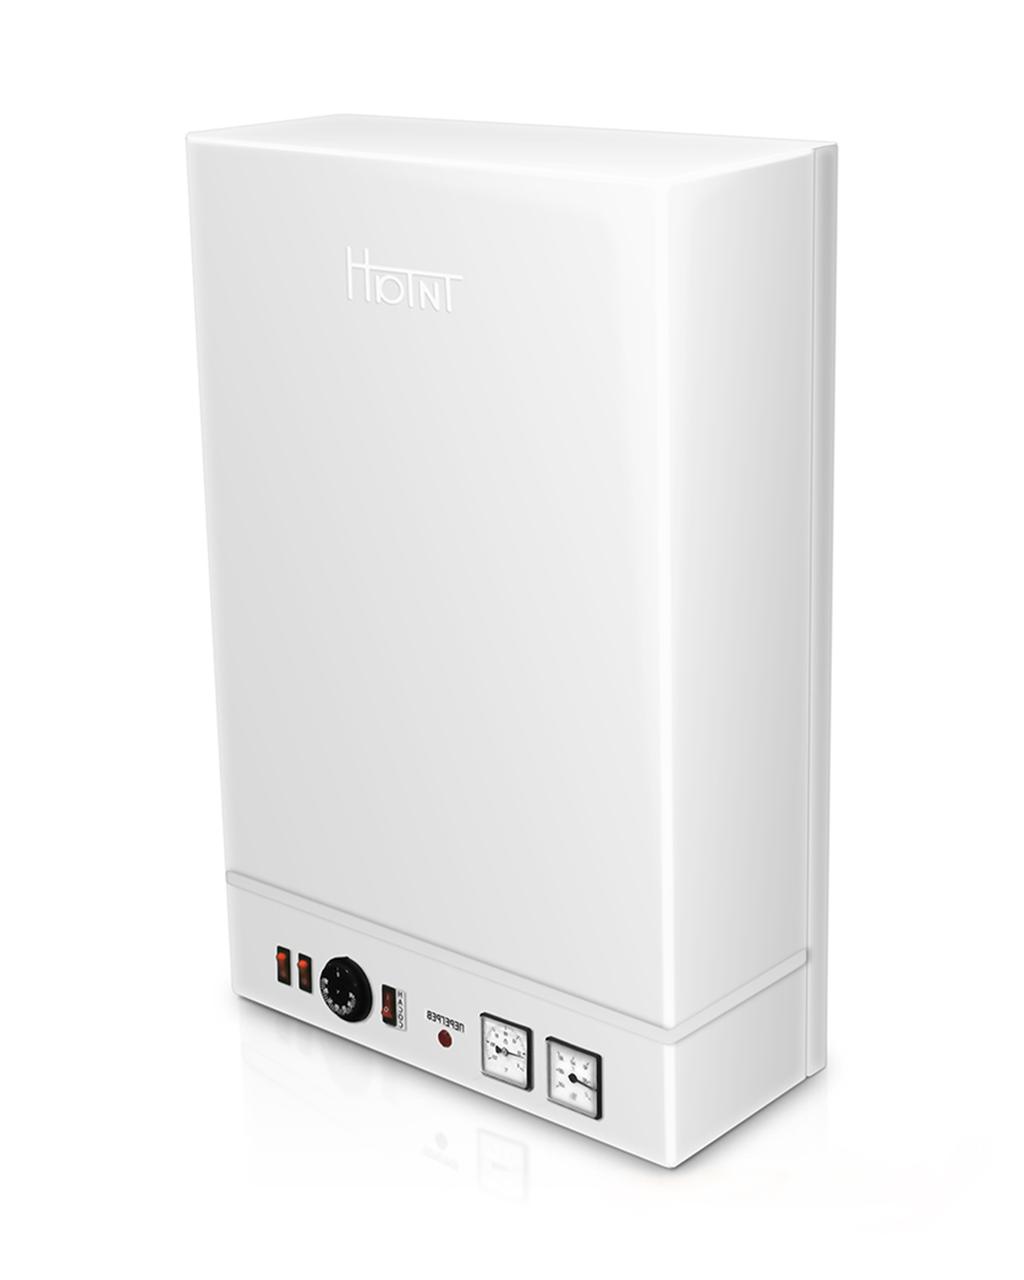 Электрический котел Титан Настенный, 3 кВт 220 В